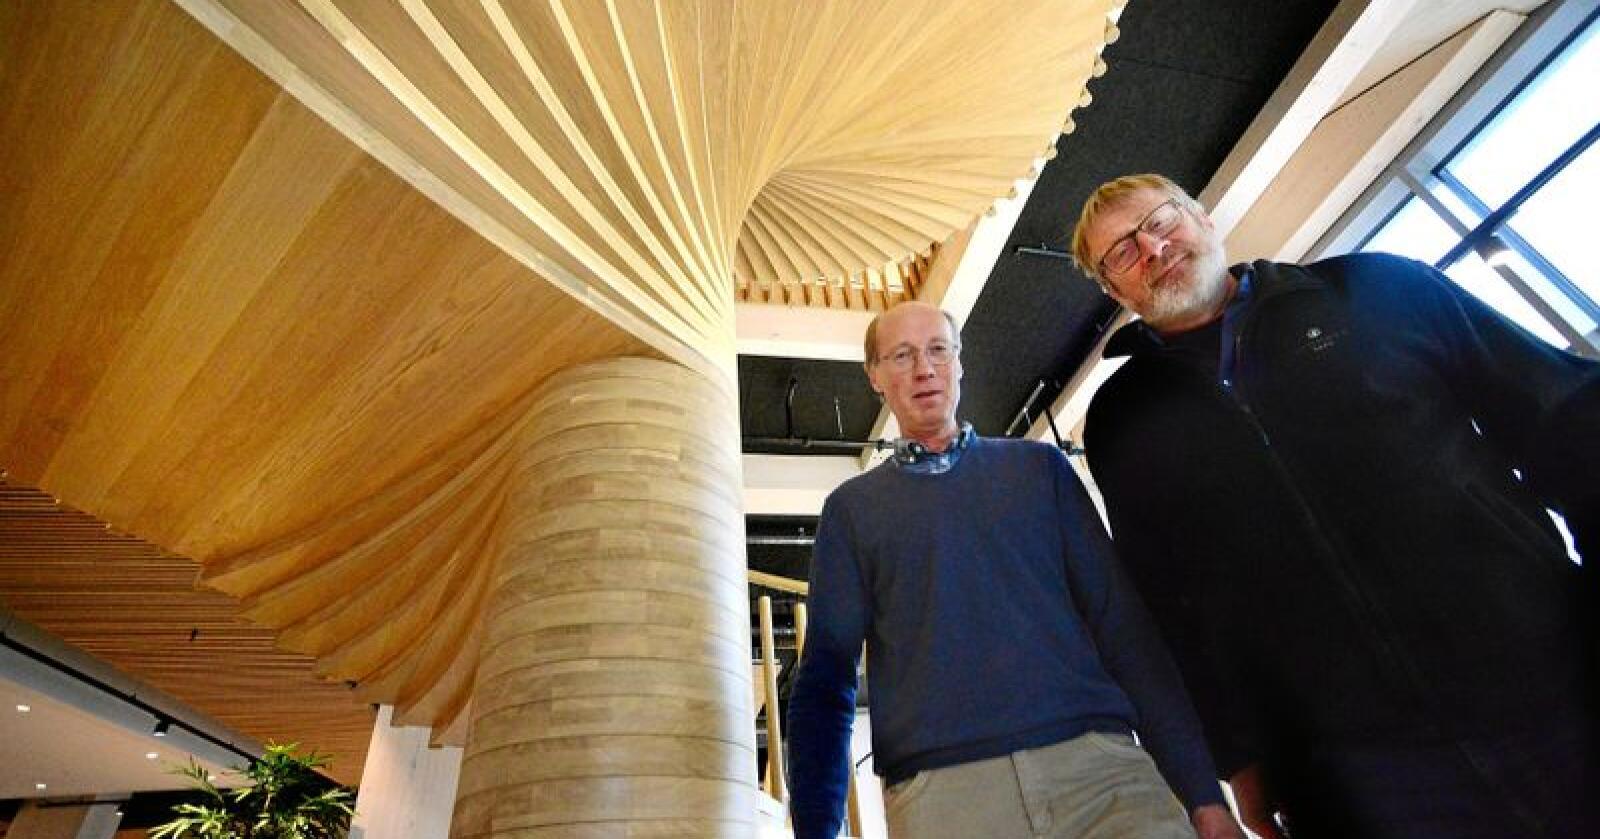 Styrelederne i Glommen Skog, Ole Theodor Holth (t.h) og Terje Uggen i Mjøsen Skog tar nye steg mot sammenslåing. I midten av juni blir det bestemt. Foto: Siri Juell Rasmussen